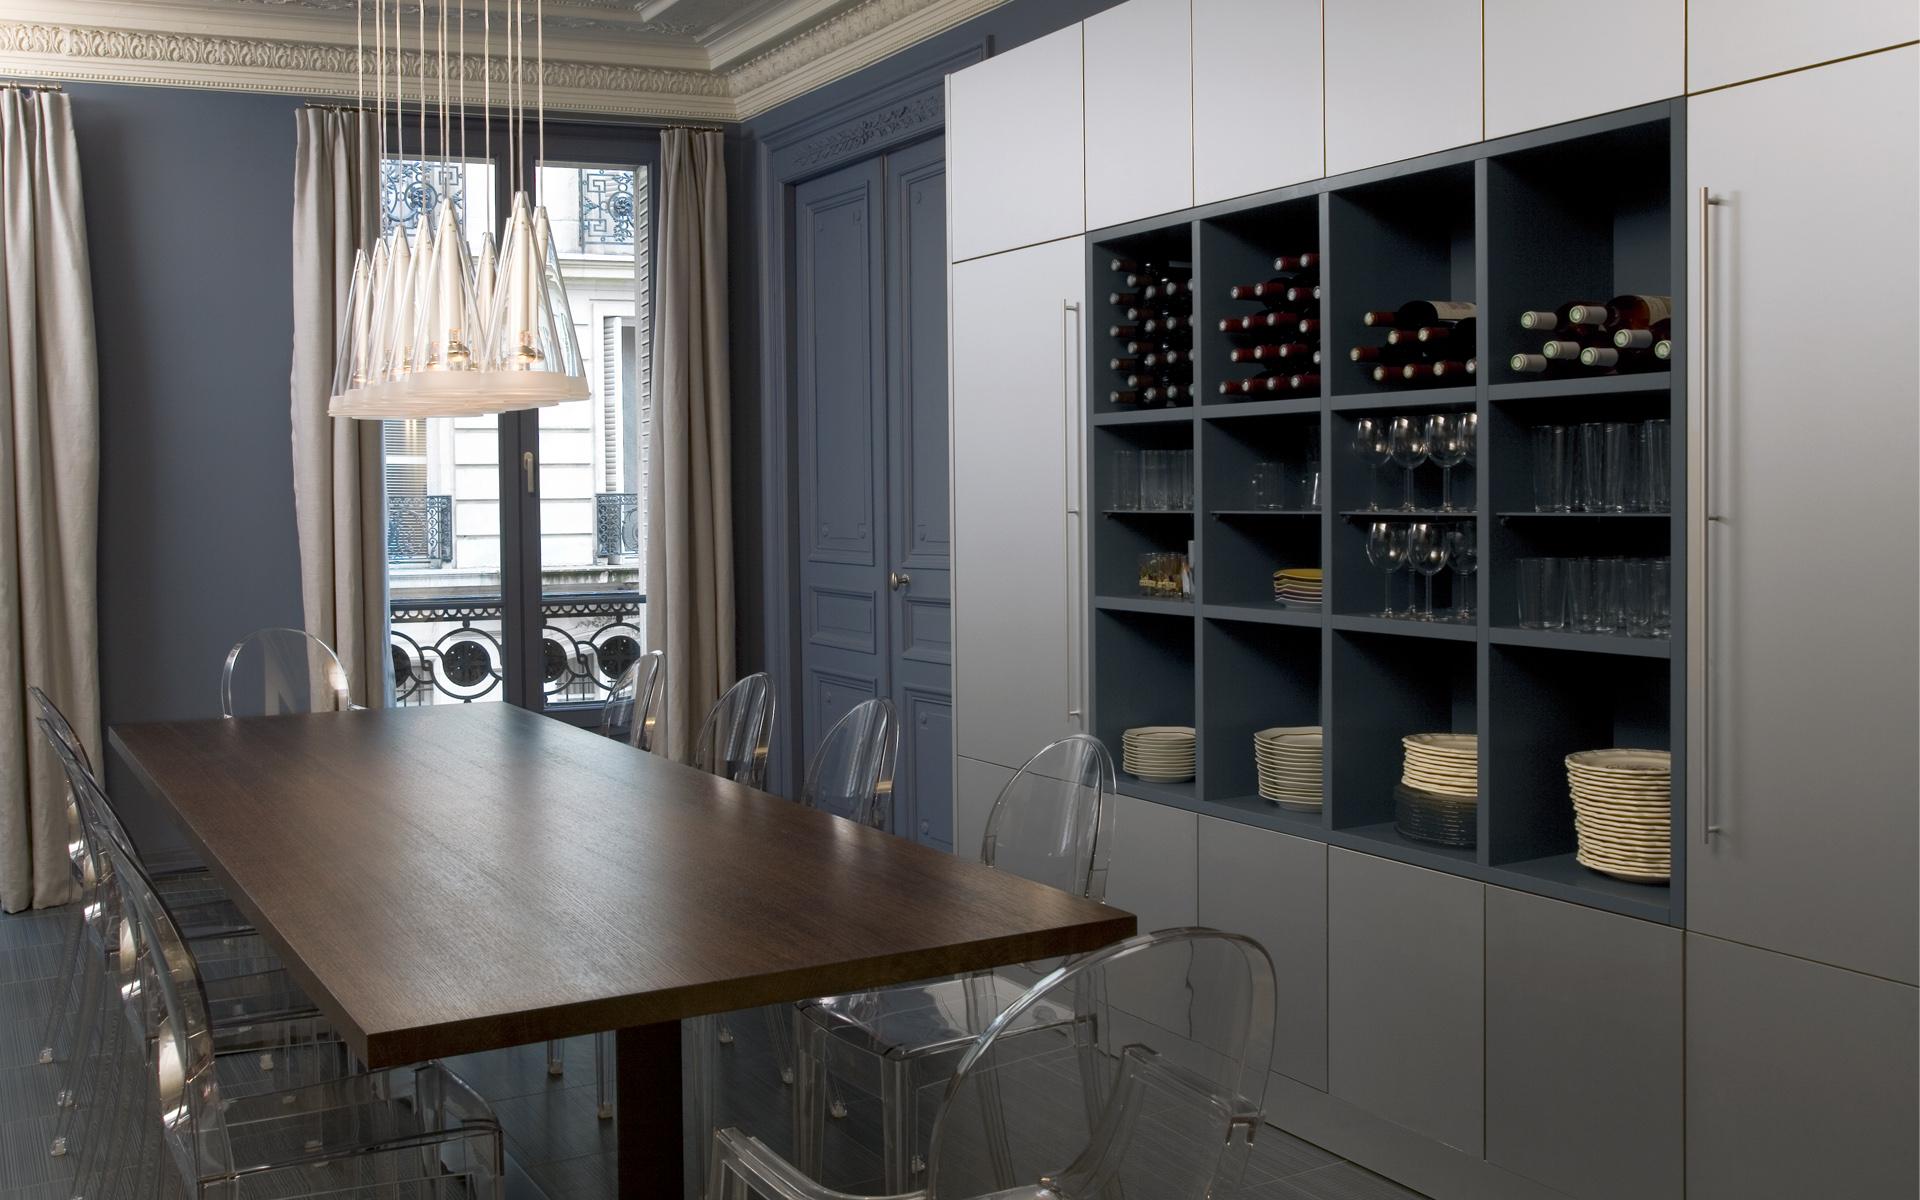 cuisines charles bigant cr ateur de cuisines haut de gamme paris. Black Bedroom Furniture Sets. Home Design Ideas